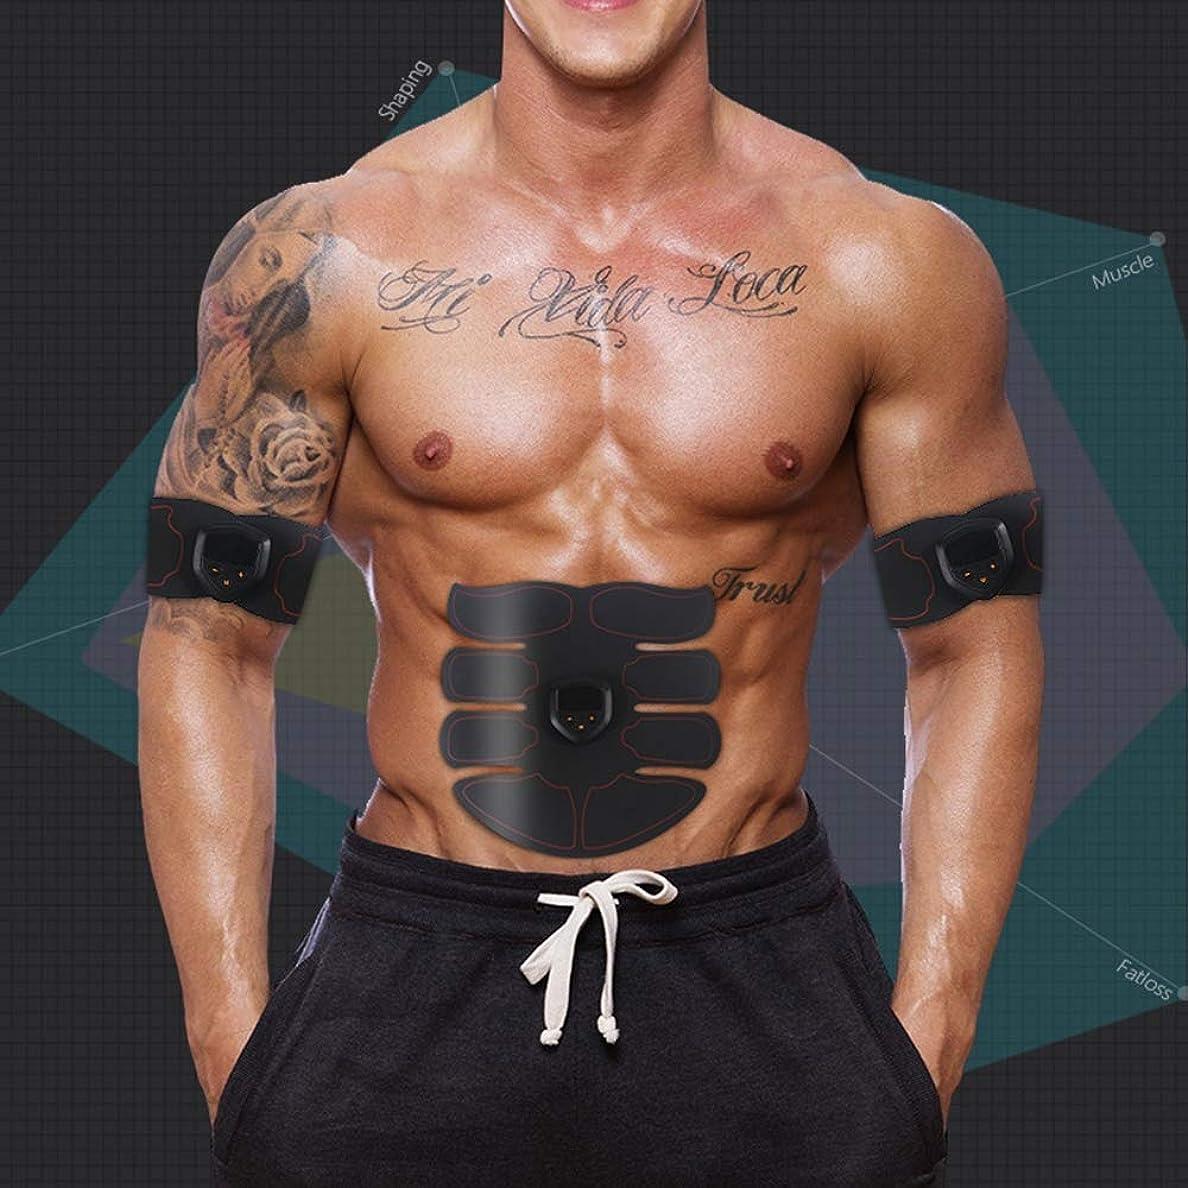 ダンプオプションスナックスマート腹部usb充電式筋肉刺激装置ems absトレーナー減量機フルウエストスポーツマッサージャーユニセックスフィットネス機器